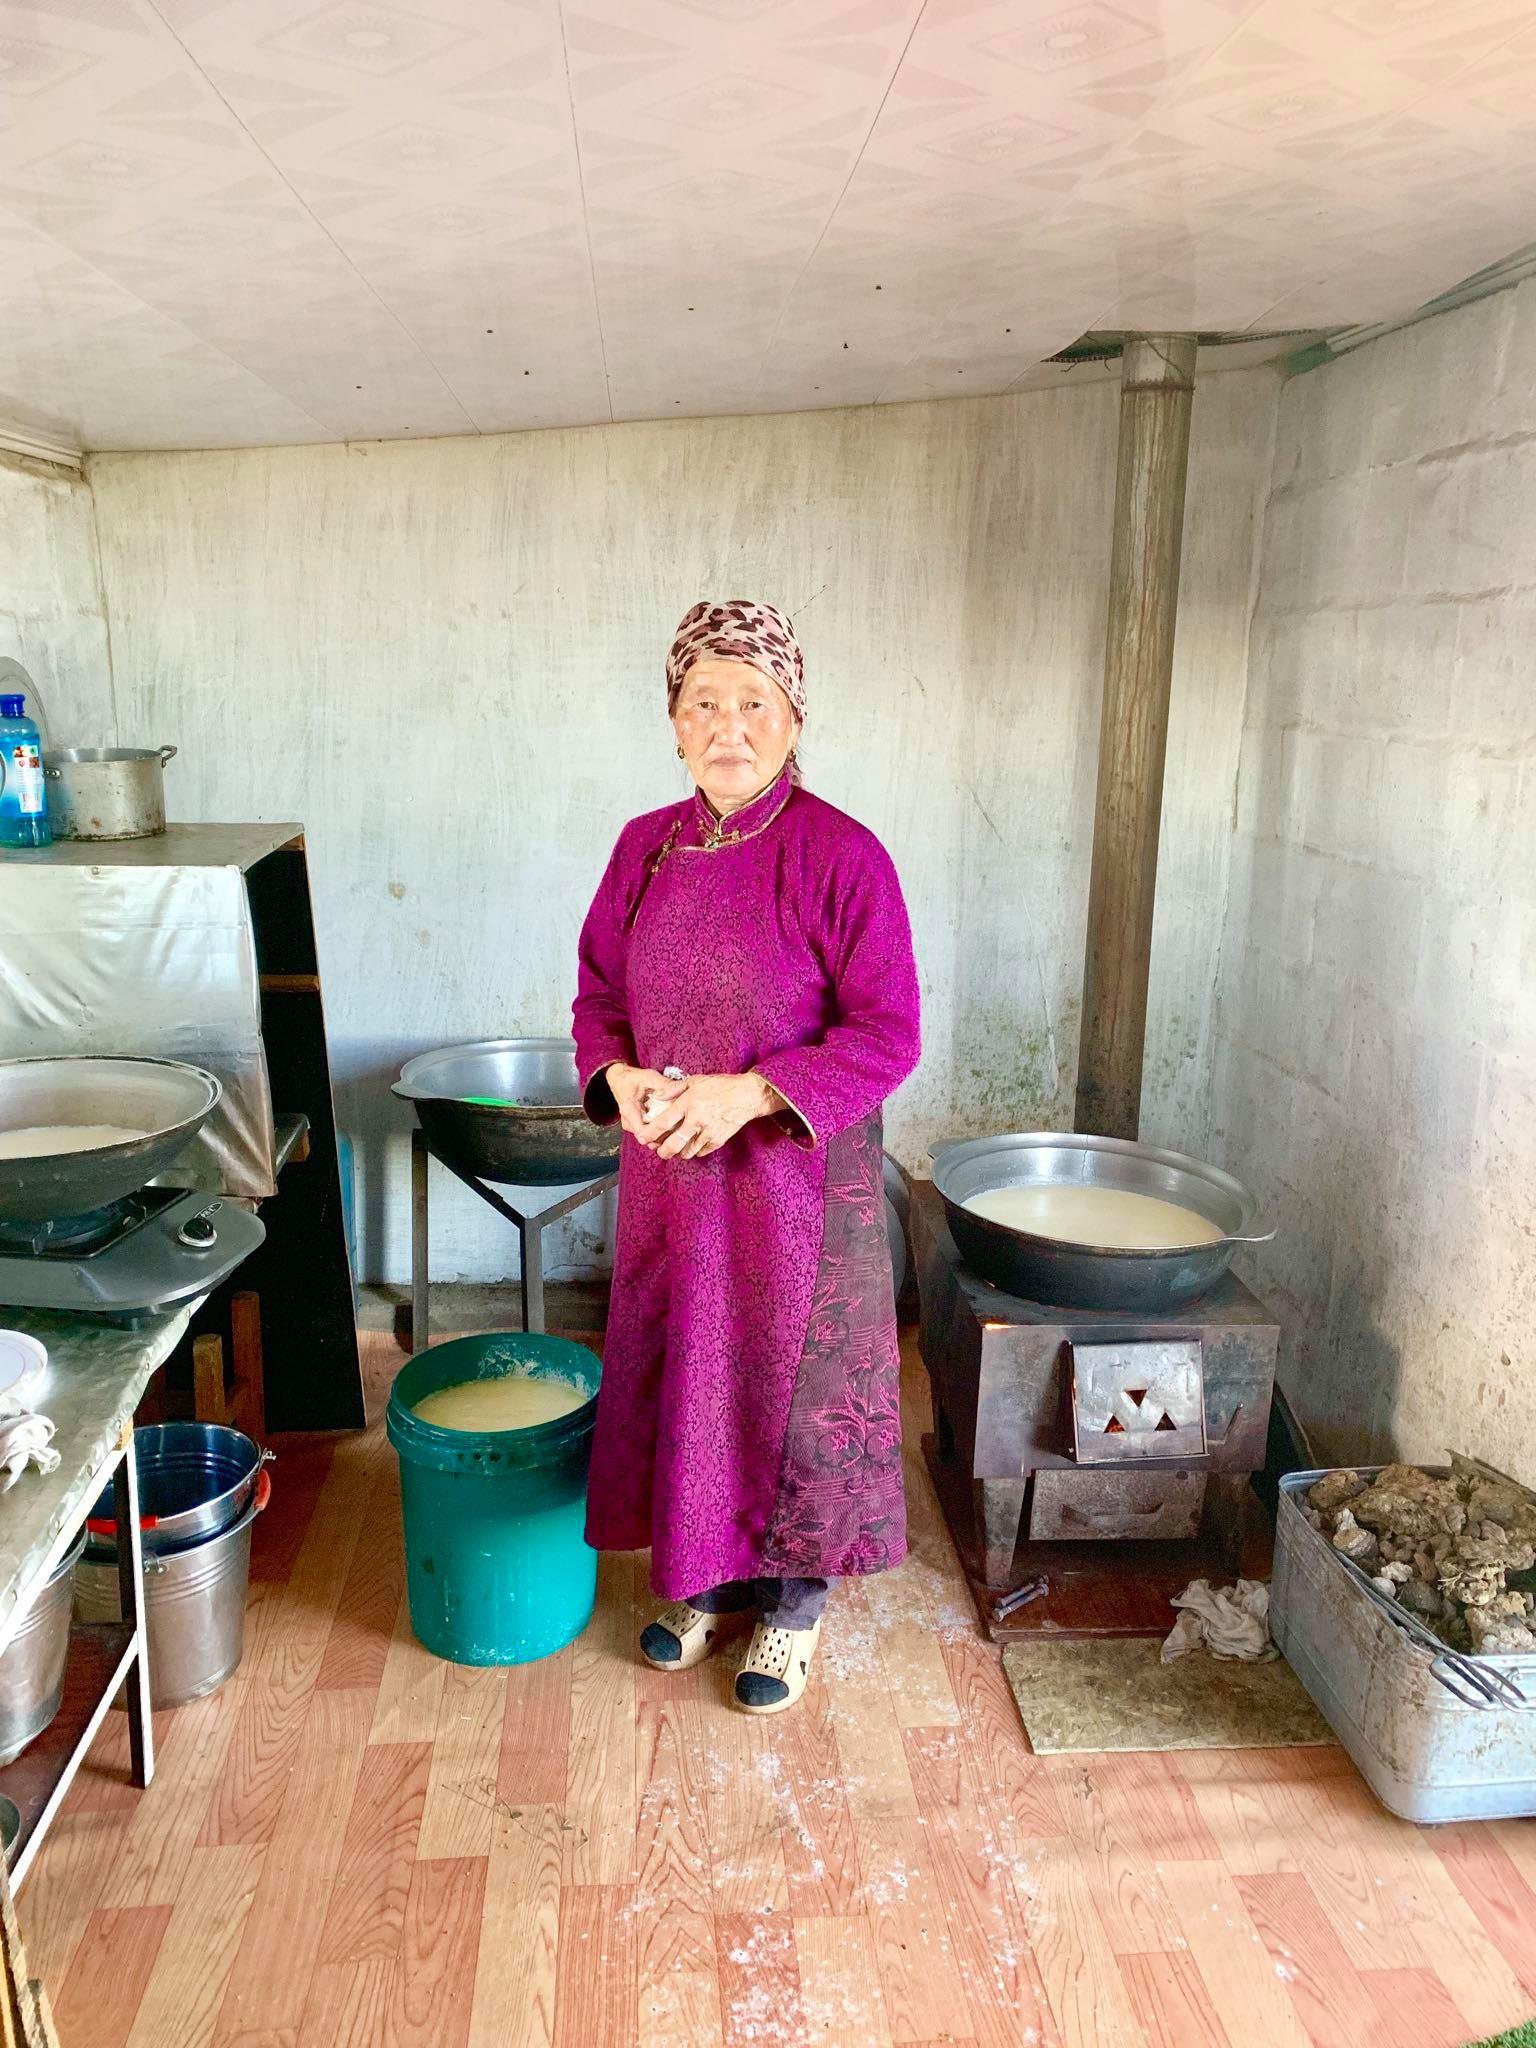 Kach Solo Travels in 2019 Nomadic family in Elsen Tasarkhai36.jpg